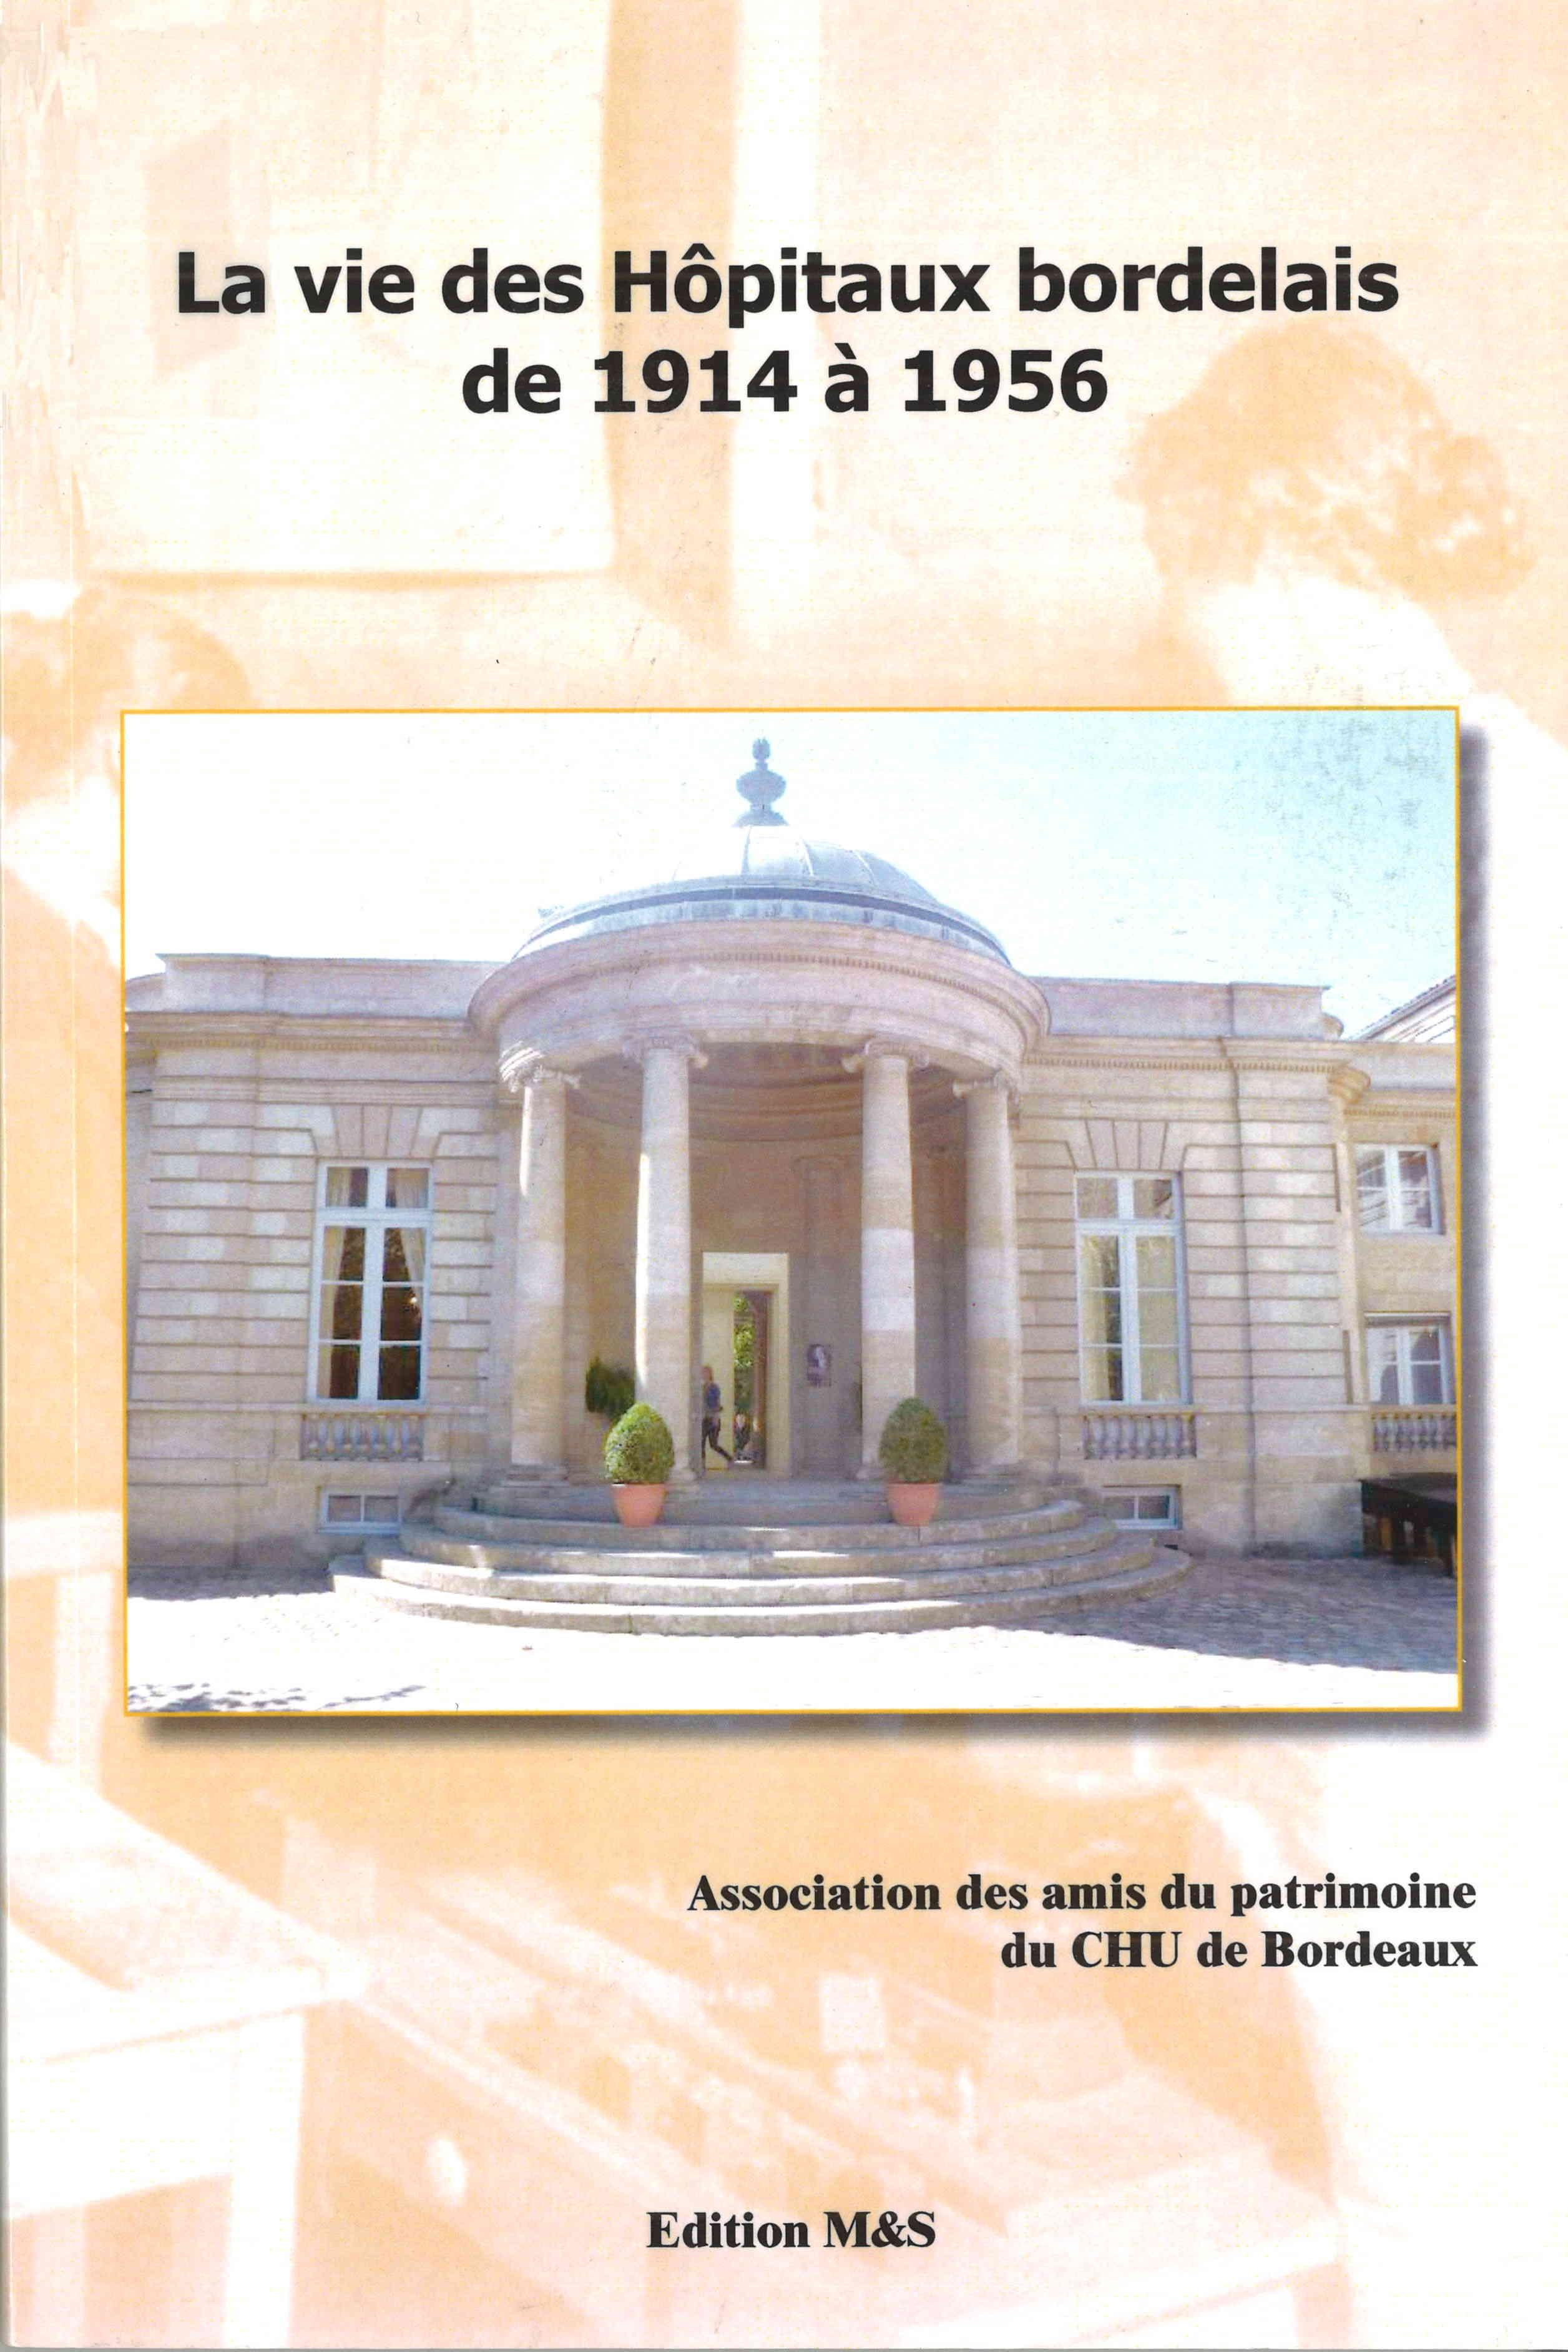 historique hôpital broca